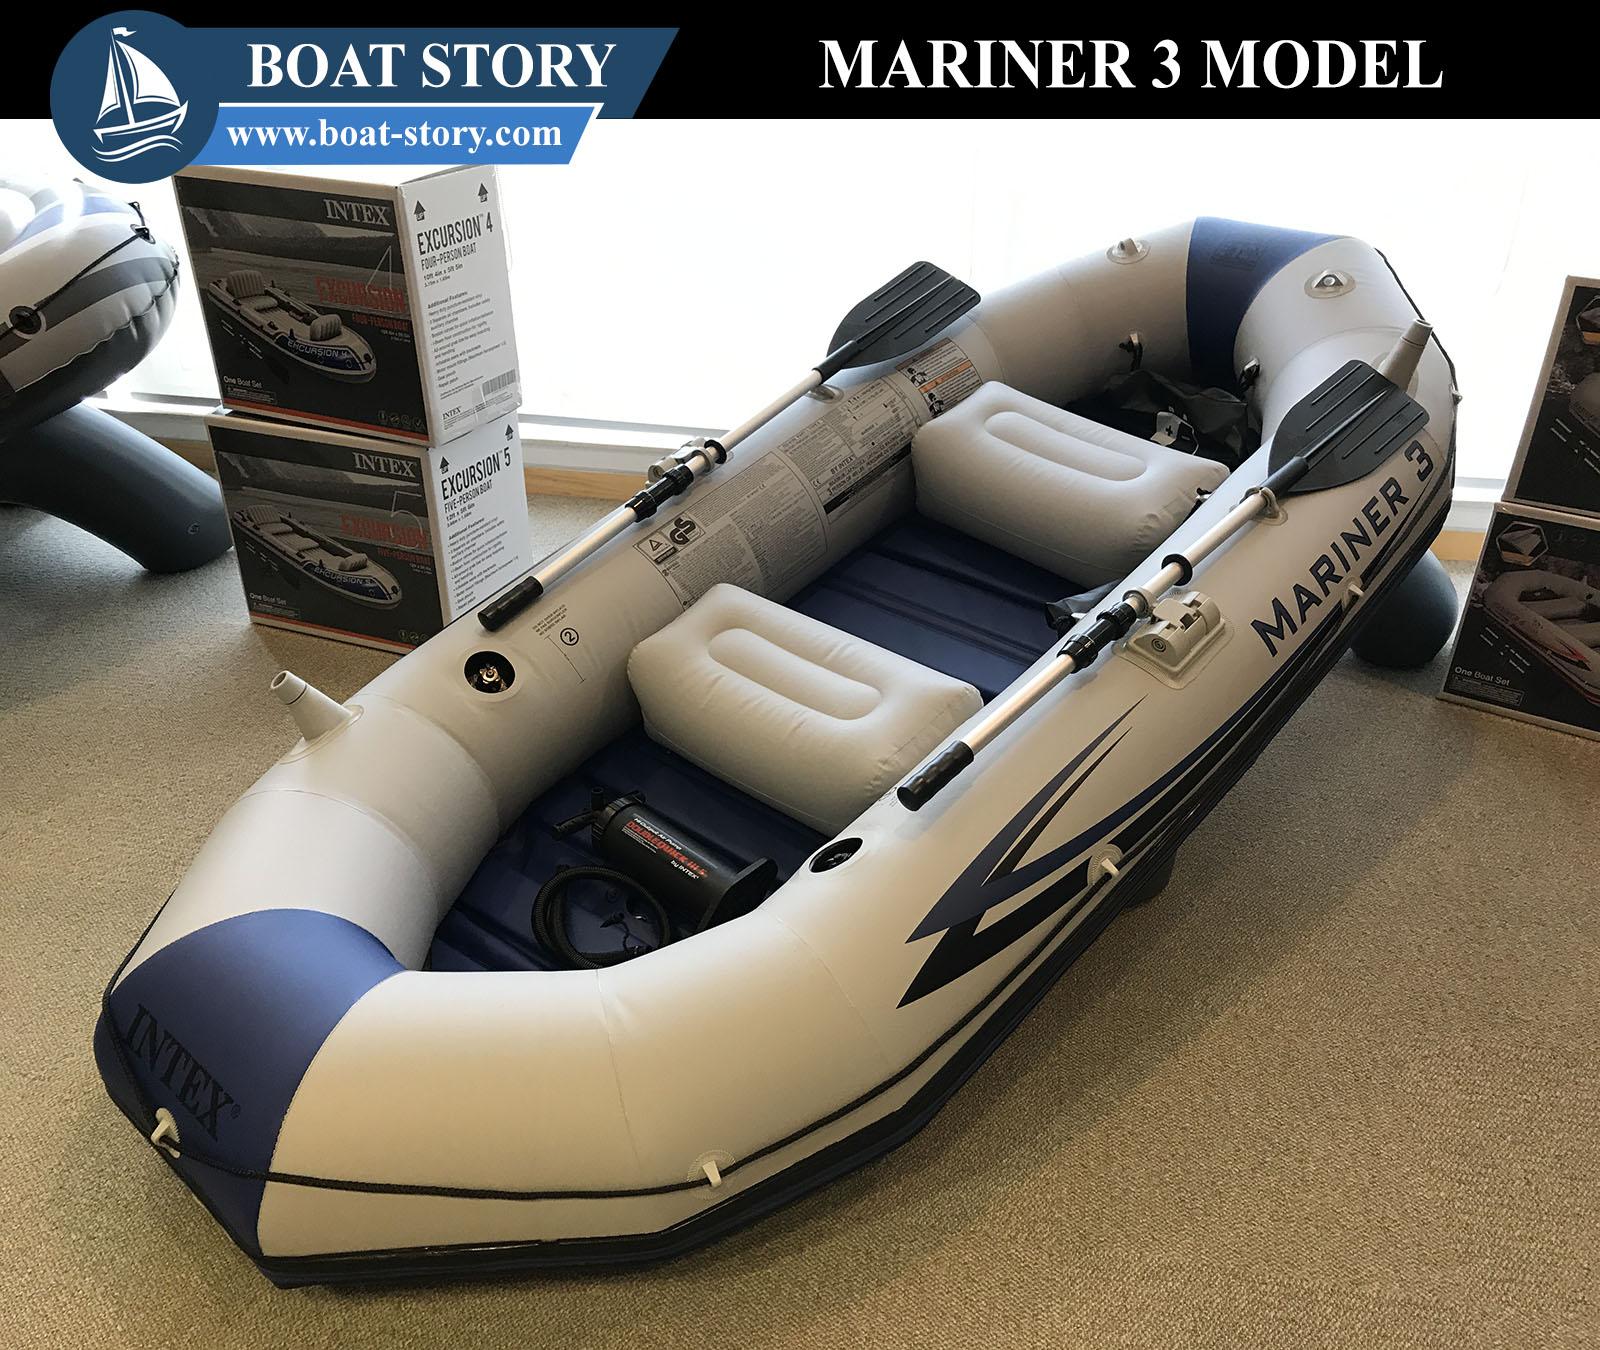 เรือยาง intex mariner 3